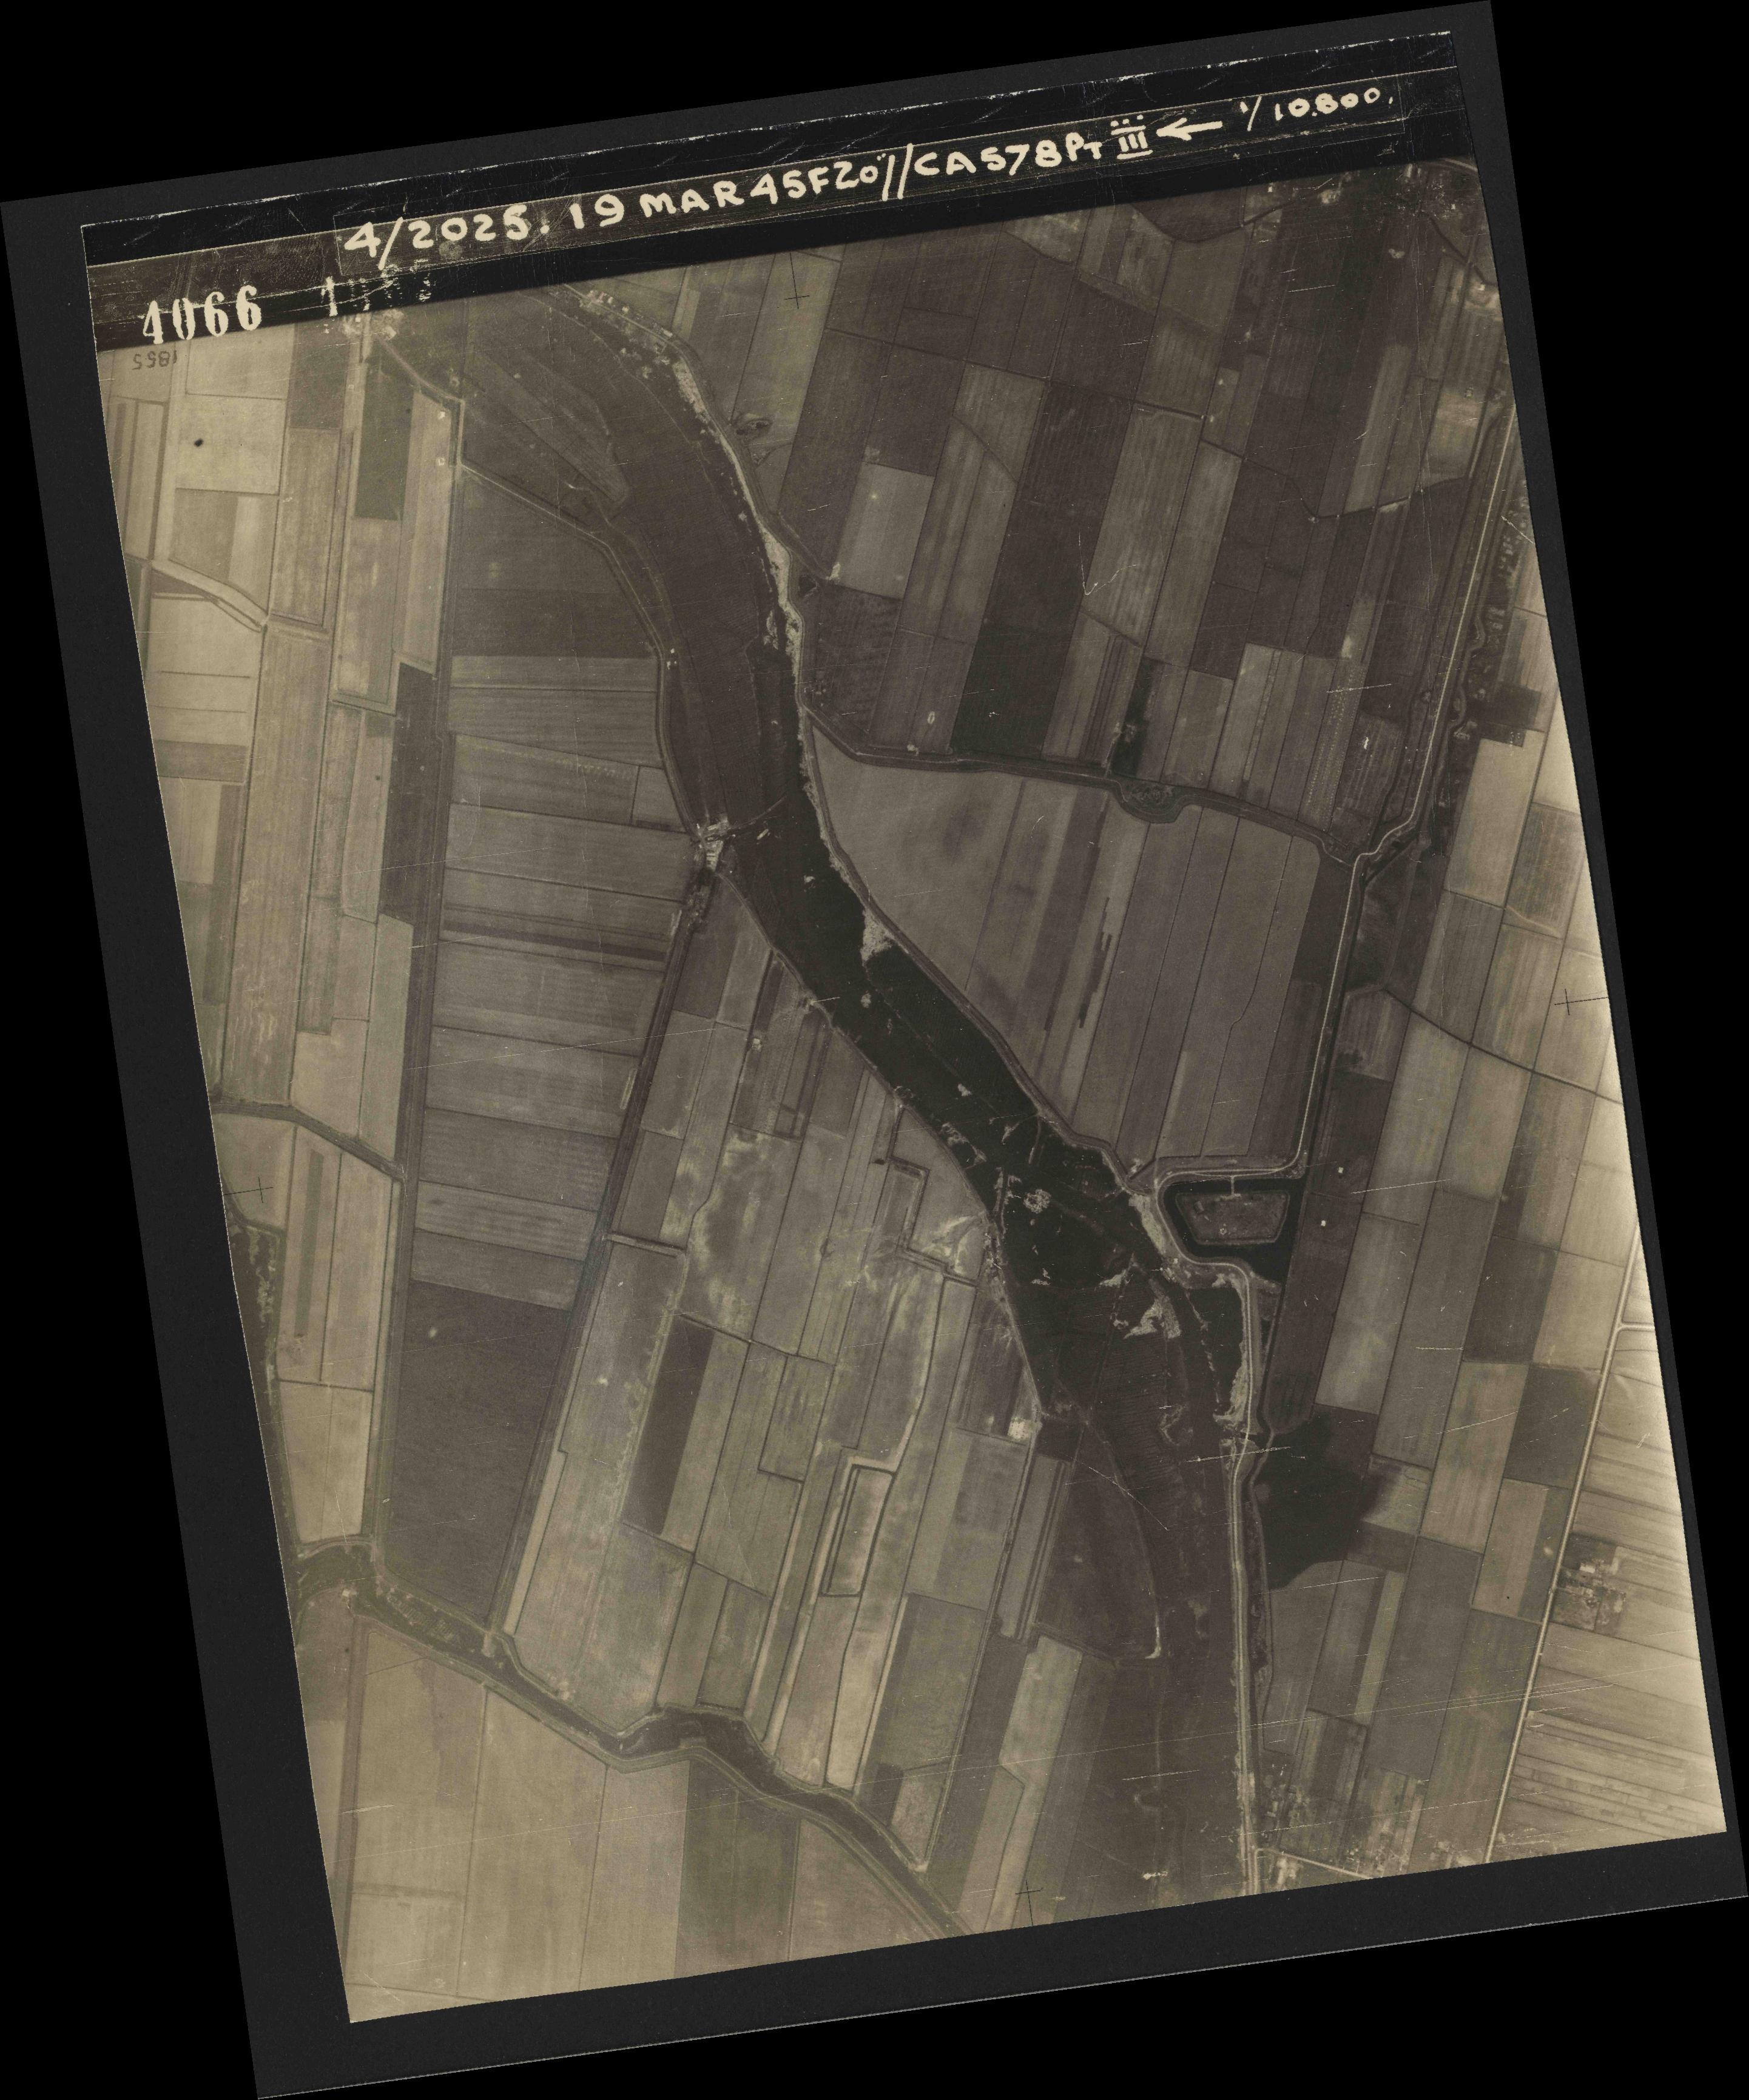 Collection RAF aerial photos 1940-1945 - flight 094, run 07, photo 4066